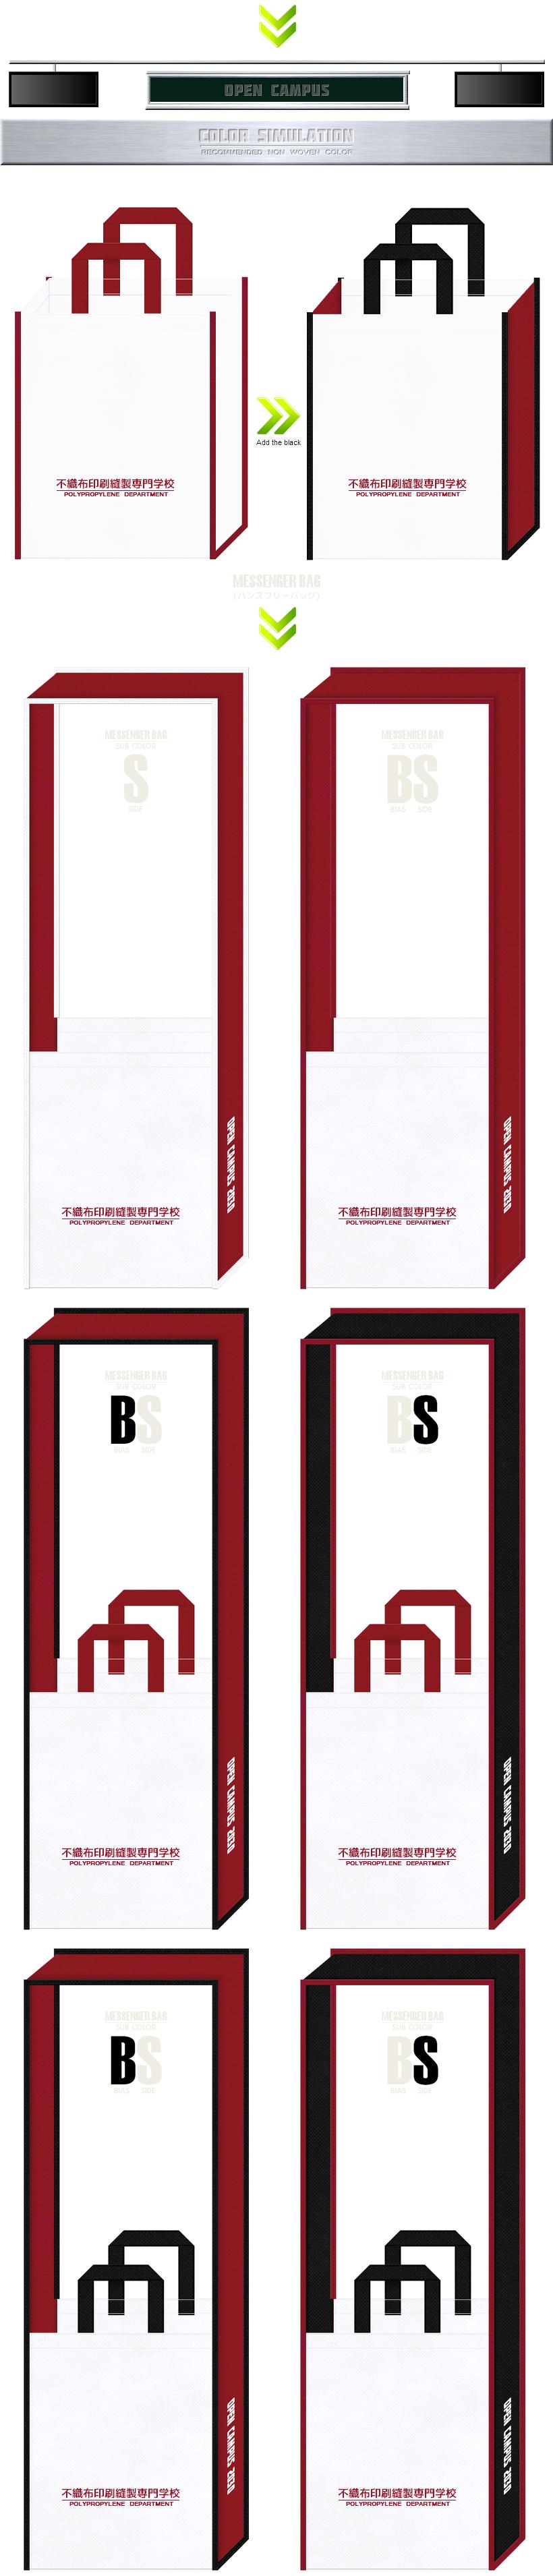 オープンキャンパス用の不織布バッグデザイン例:白色・エンジ色・黒色の3色仕様